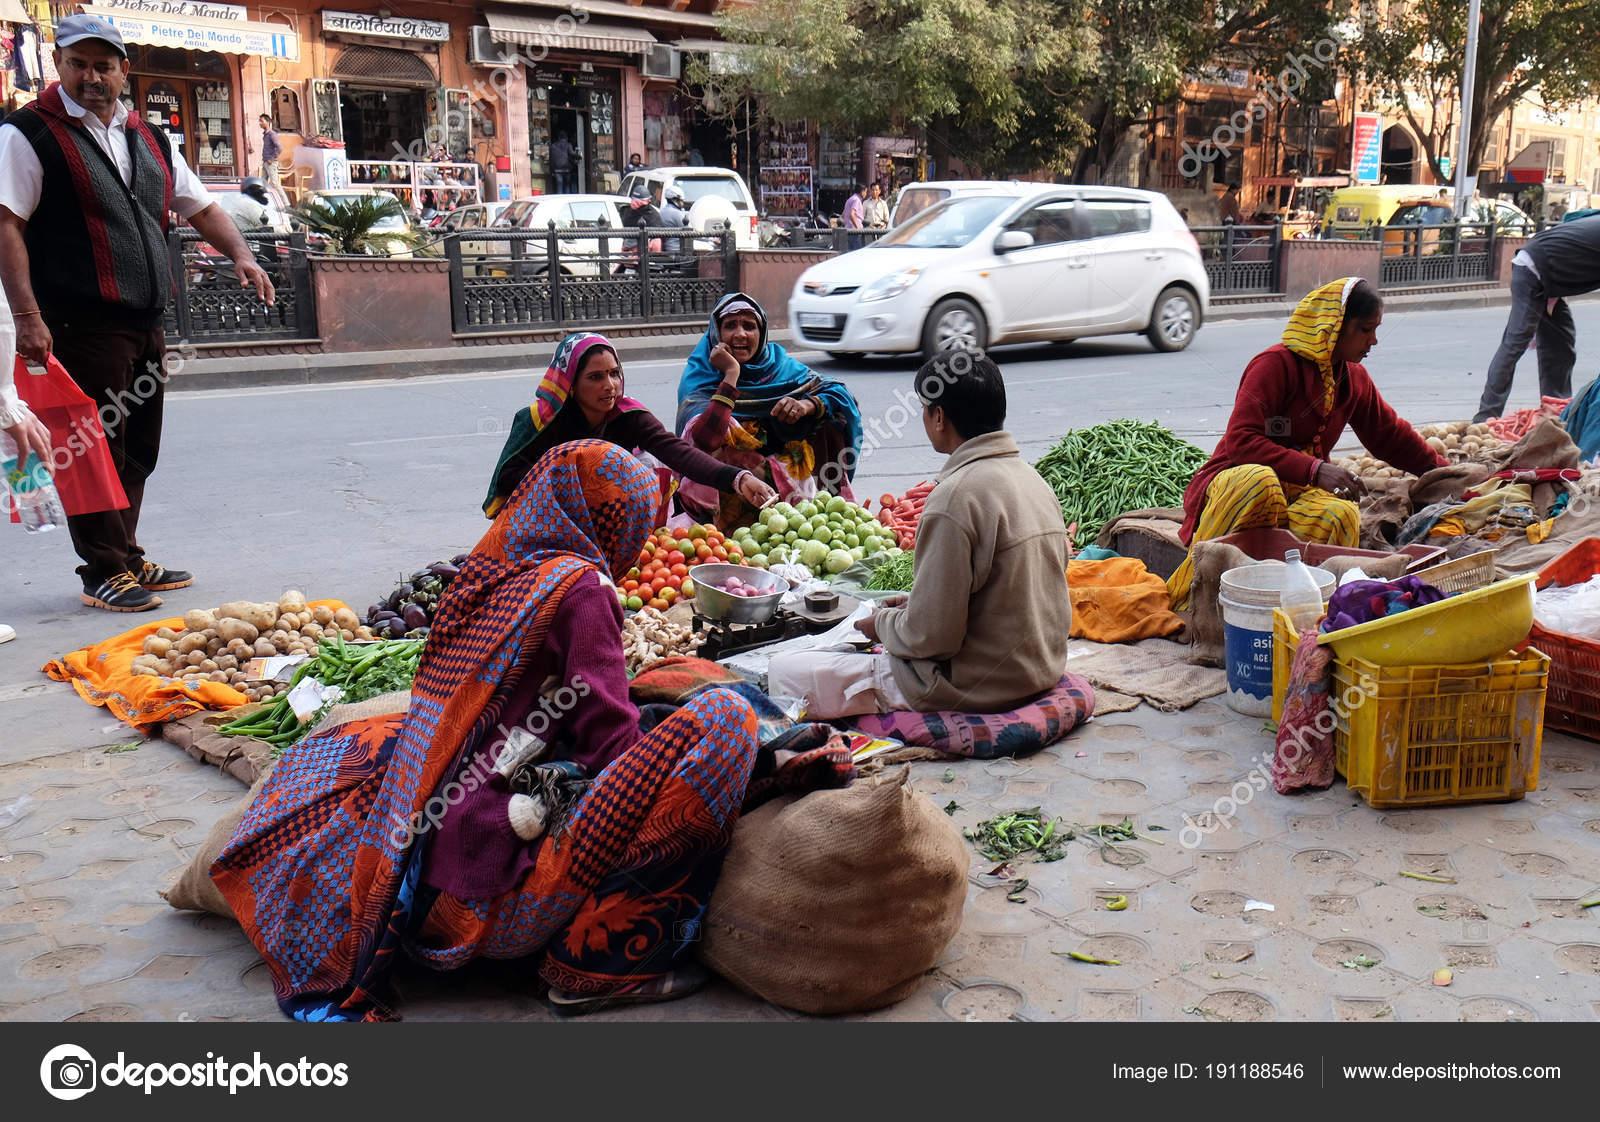 Indische Frauen Bunten Saris Kaufen Obst Und Gemüse Von Der